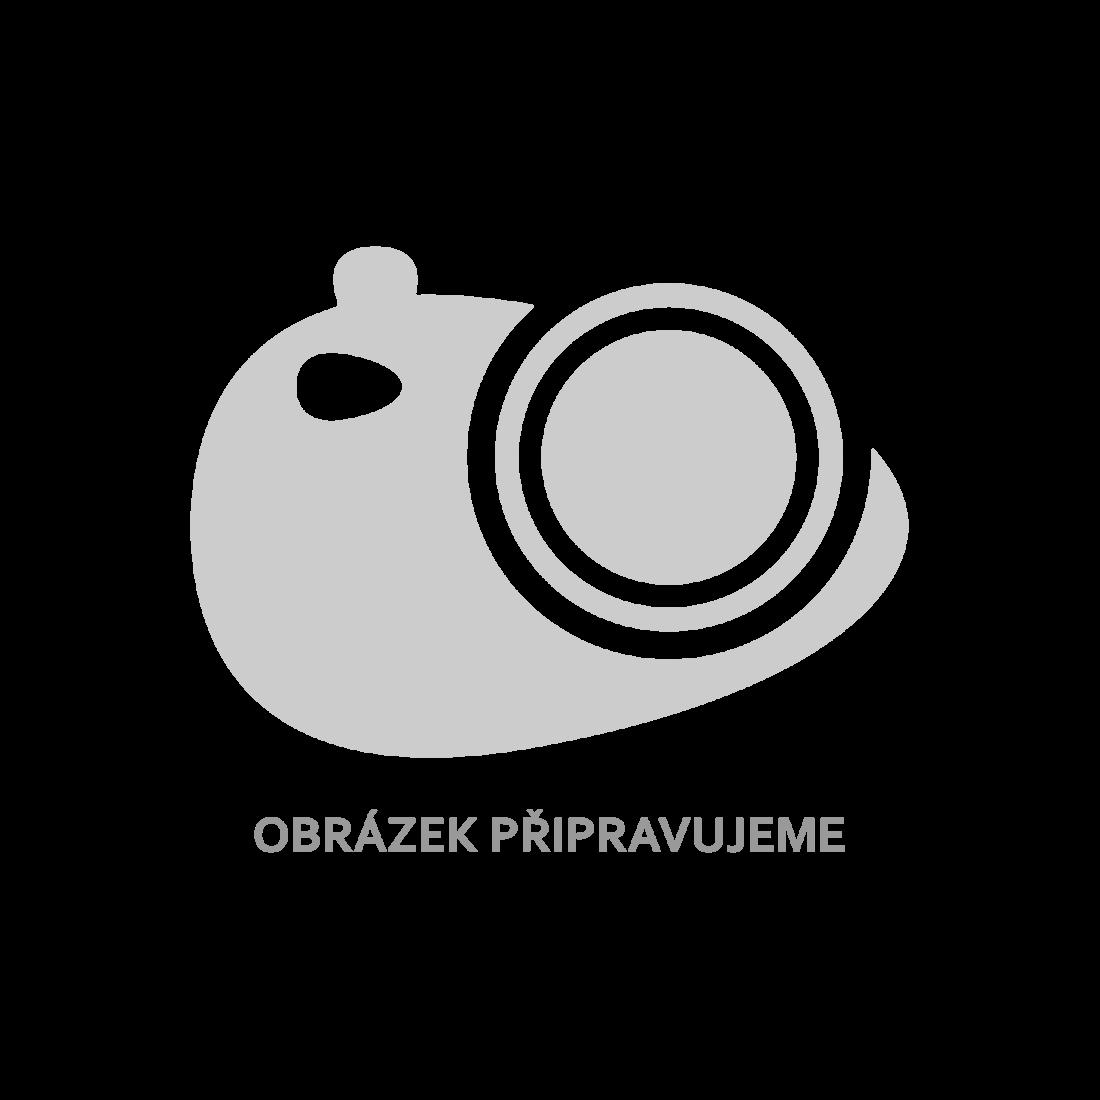 vidaXL Rám postele s nebesy bílý kovový 120 x 200 cm [325058]